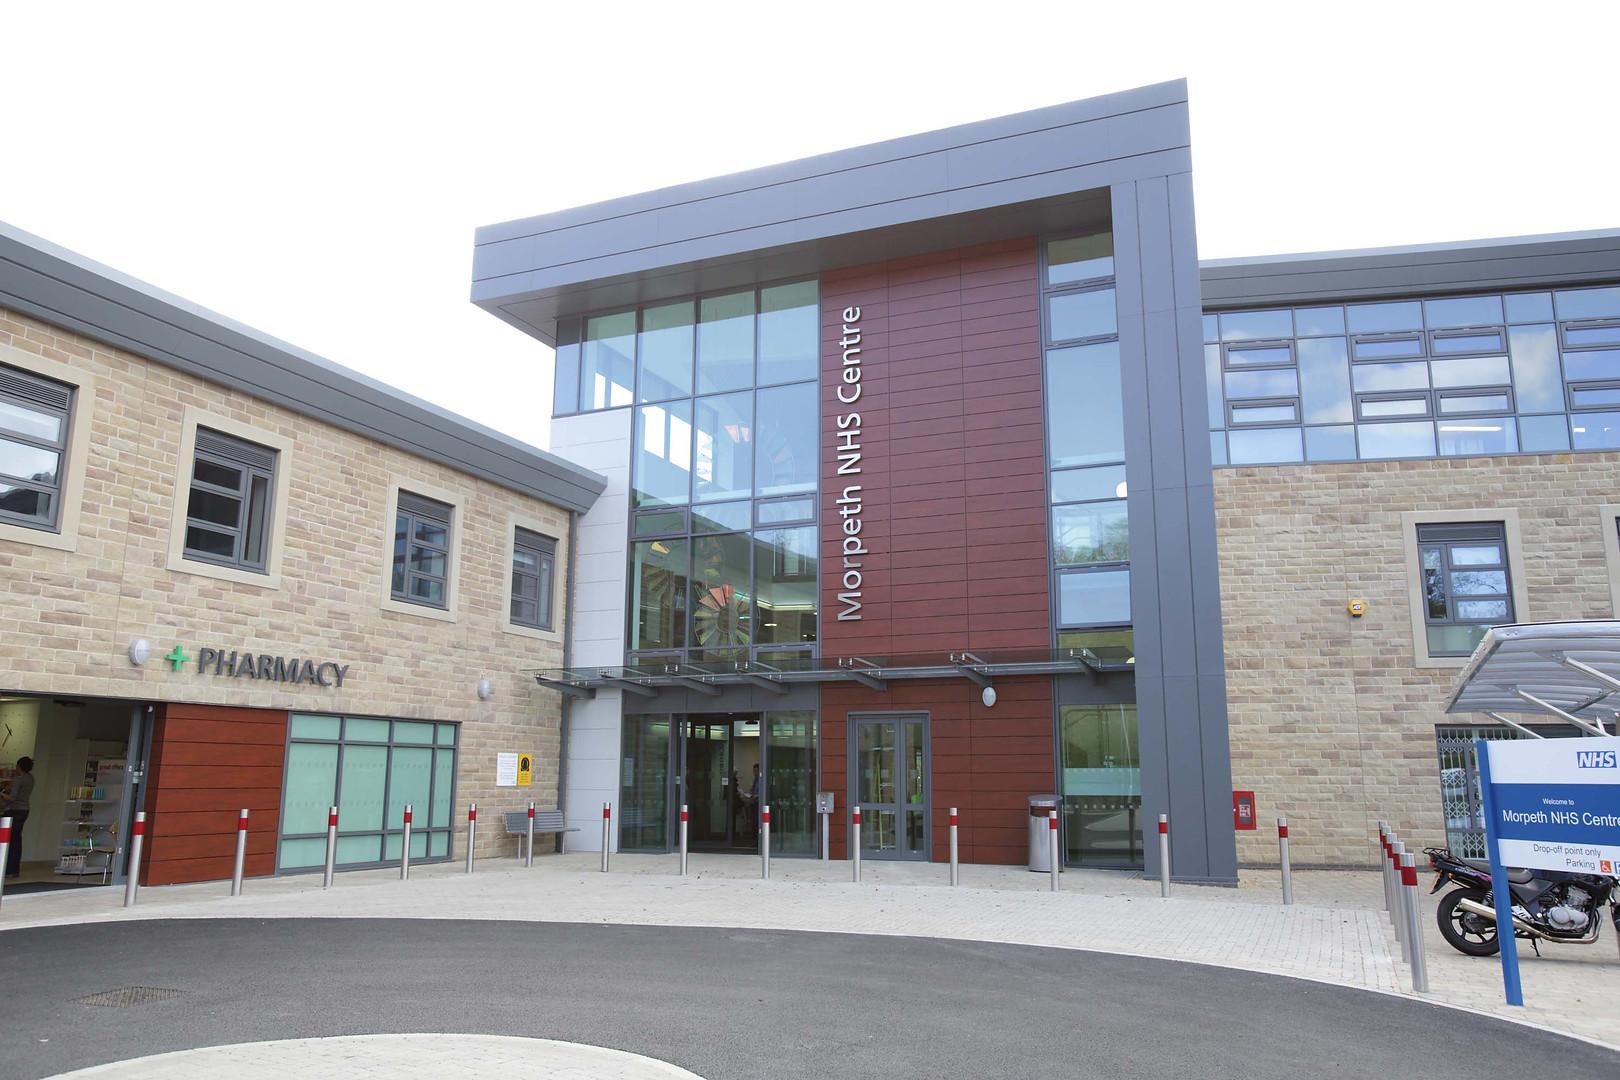 Morpeth NHS Centre